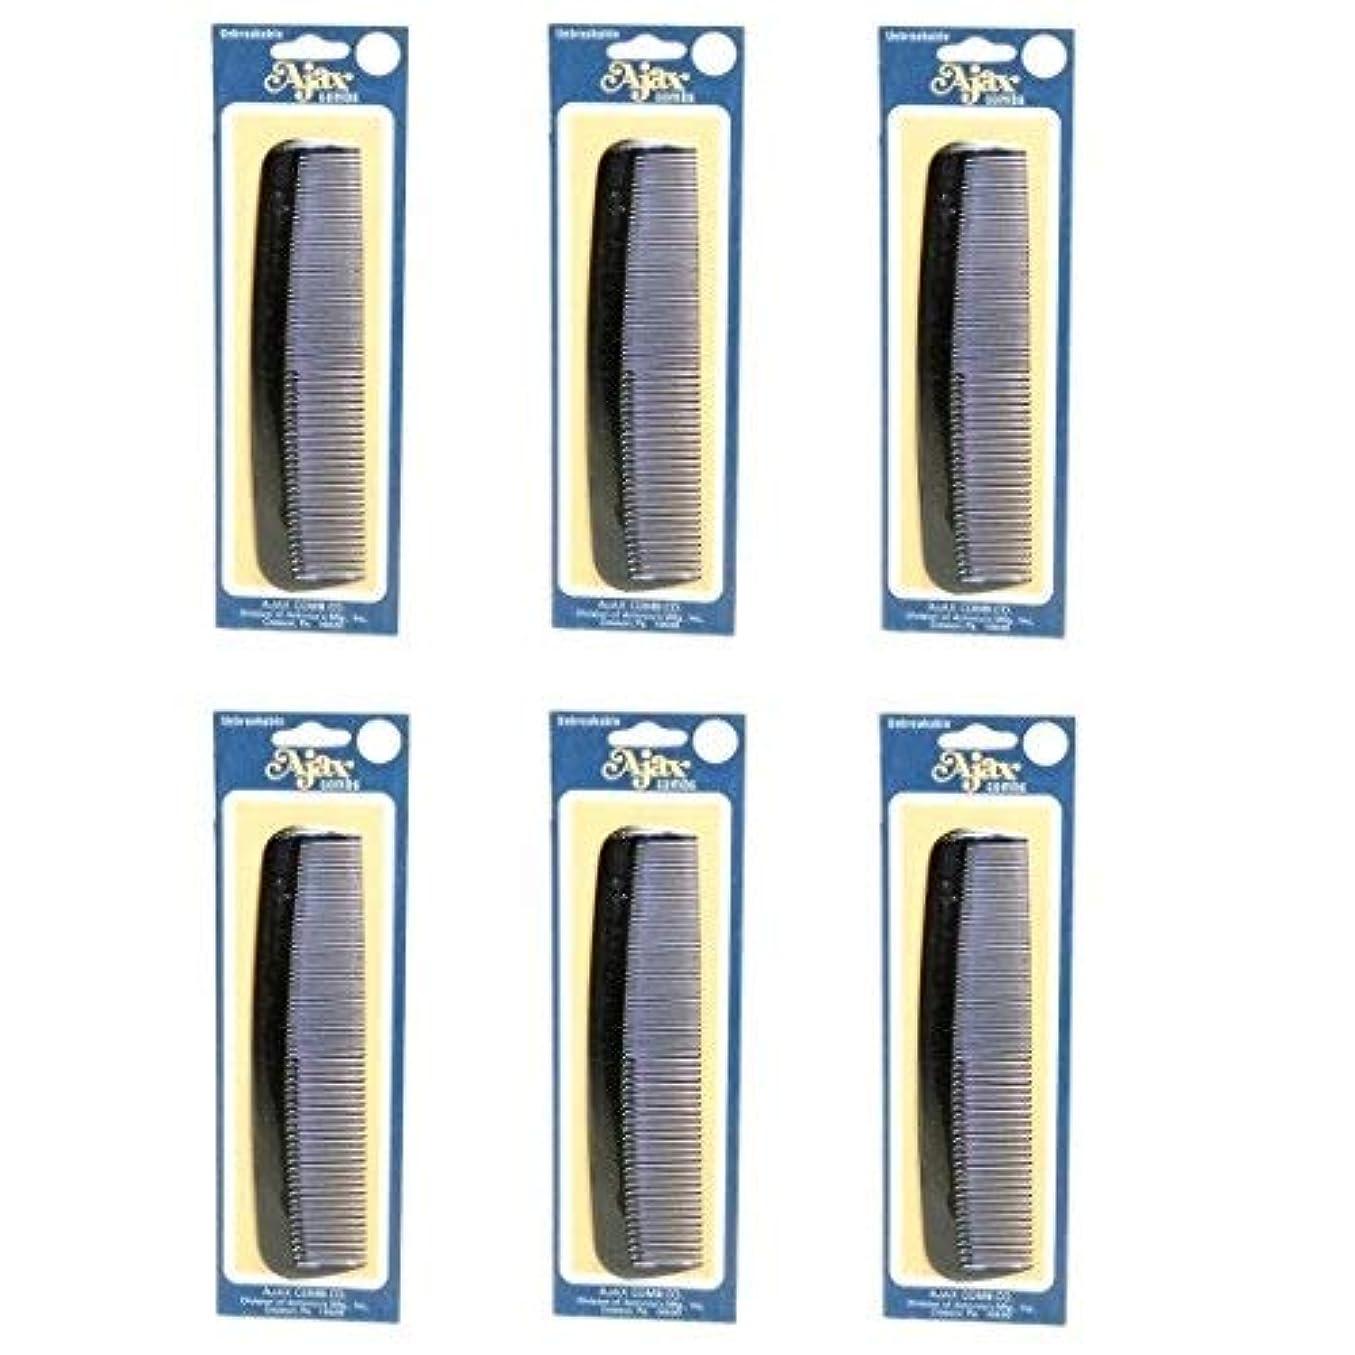 供給アラームシーフードAjax Unbreakable Hair Combs Super Flexible Pocket Sized Lifetime Guarantee - Proudly Made in the USA (Pack of...